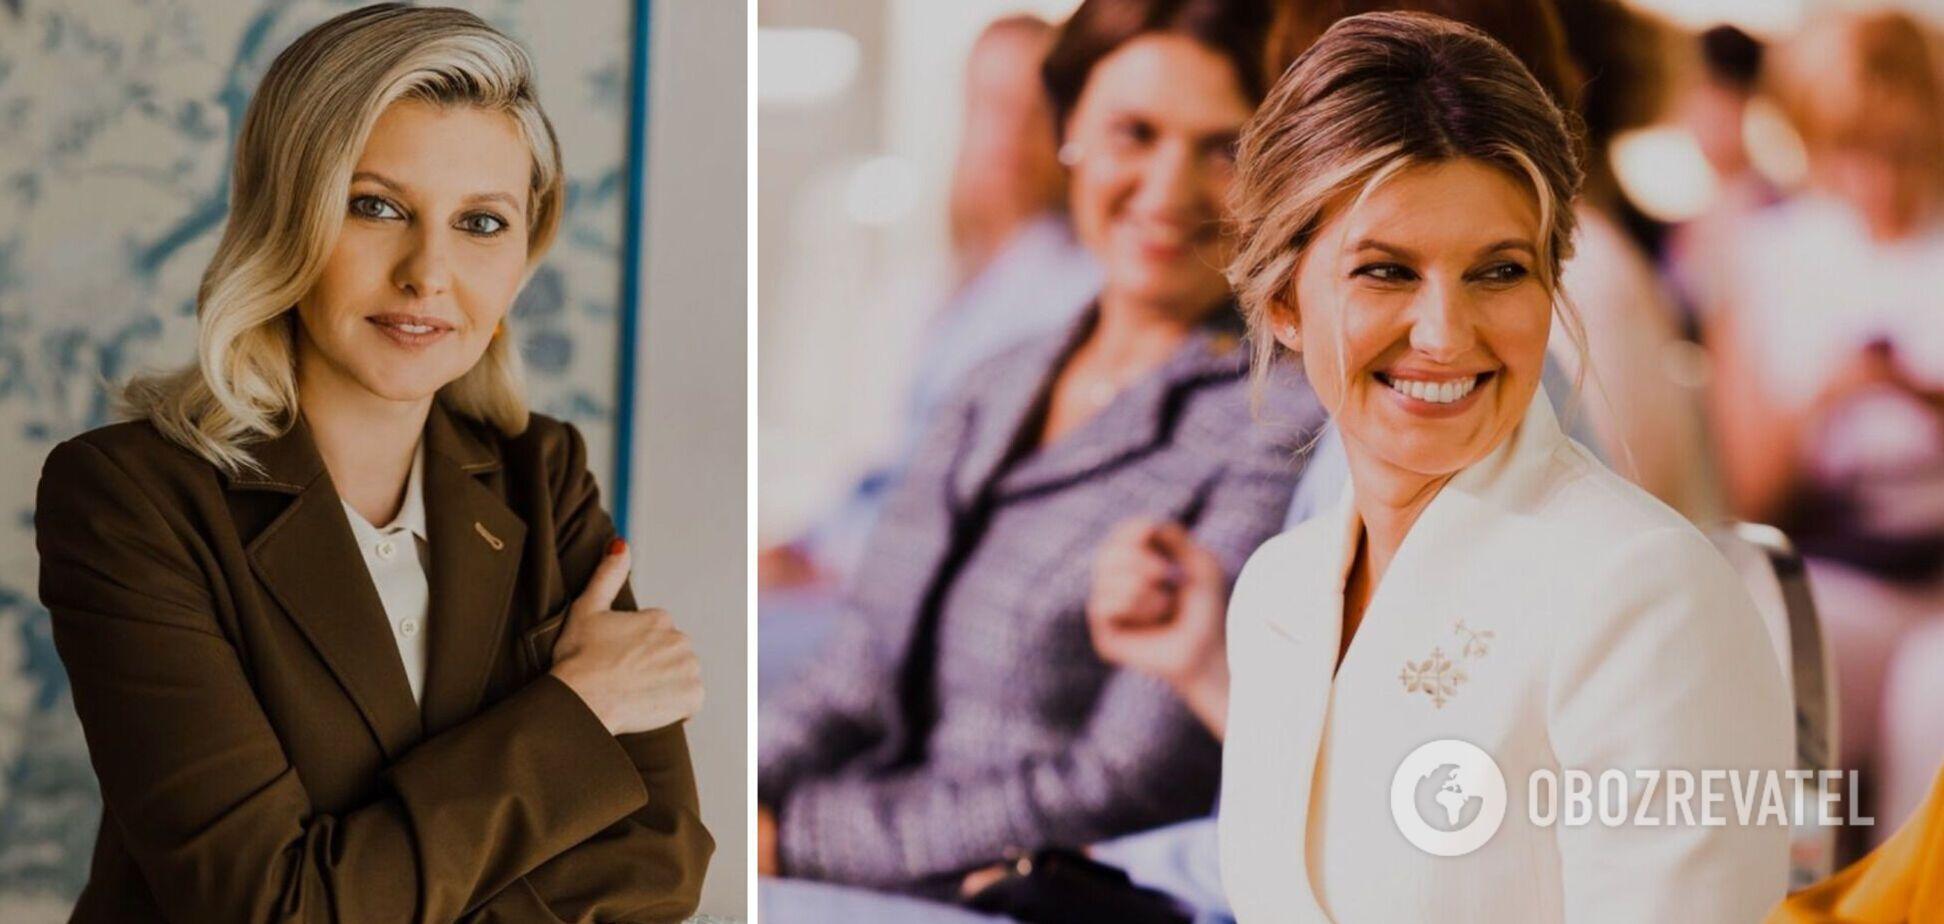 В образе учительницы: Зеленская снялась для украинского журнала. Фото